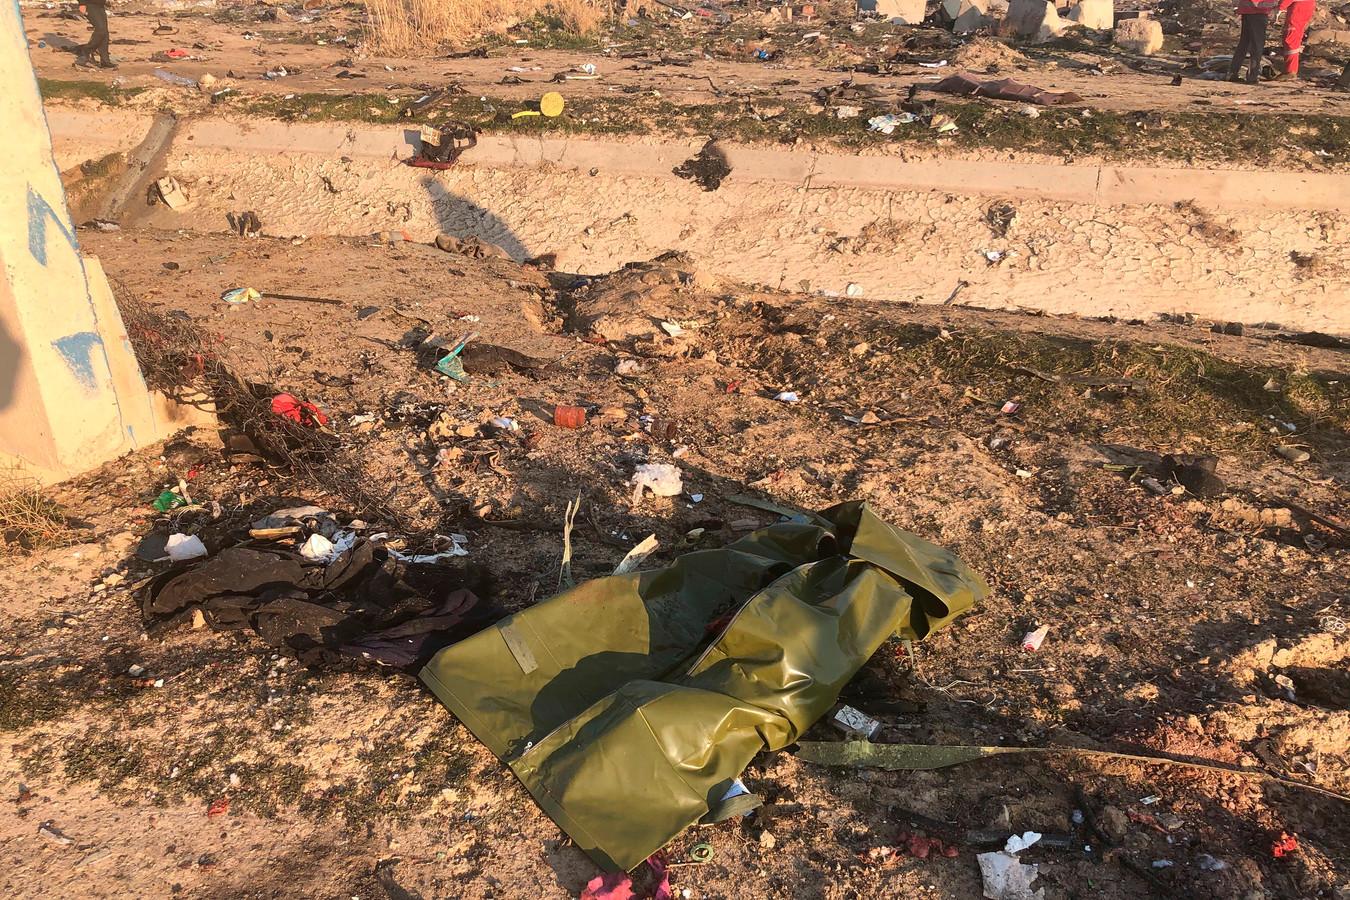 Brokstukken van het vliegtuig van Ukrain Airlines in een buitenwijk van Teheran. Geen van de 170 inzittenden overleefde de crash.